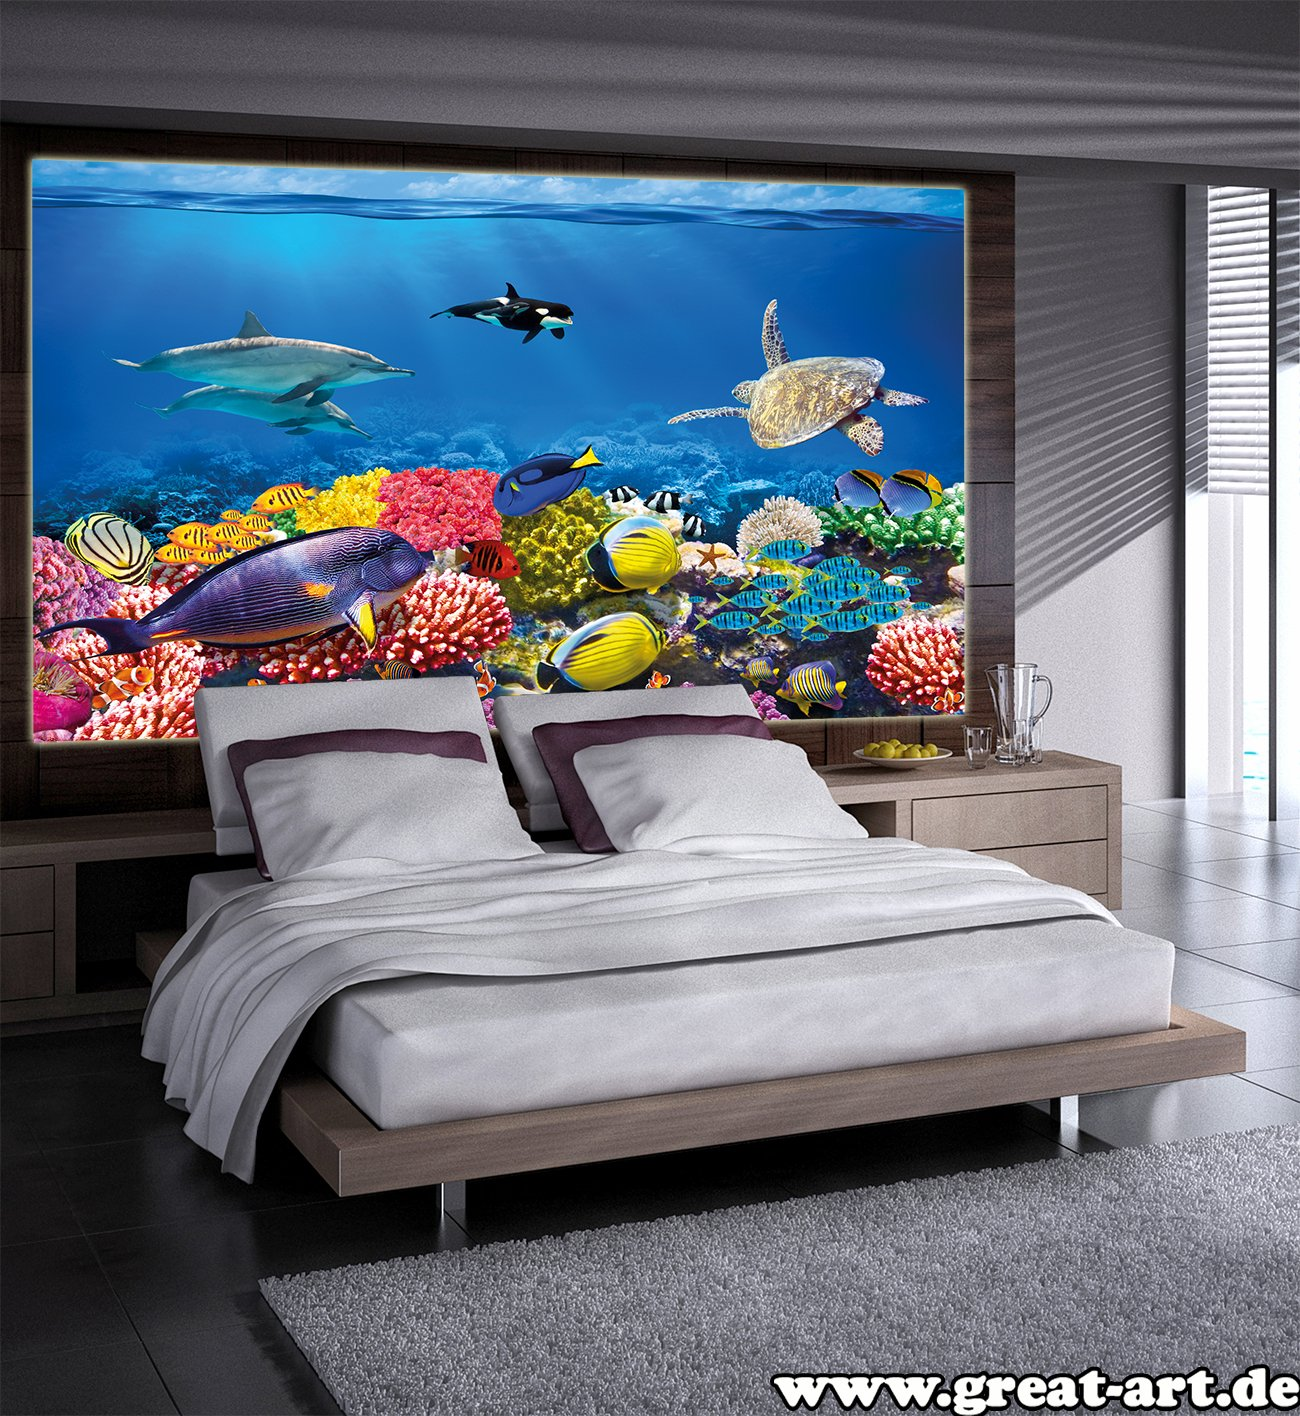 Amazon.de: Poster Kinderzimmer Aquarium Wandbild Dekoration ...